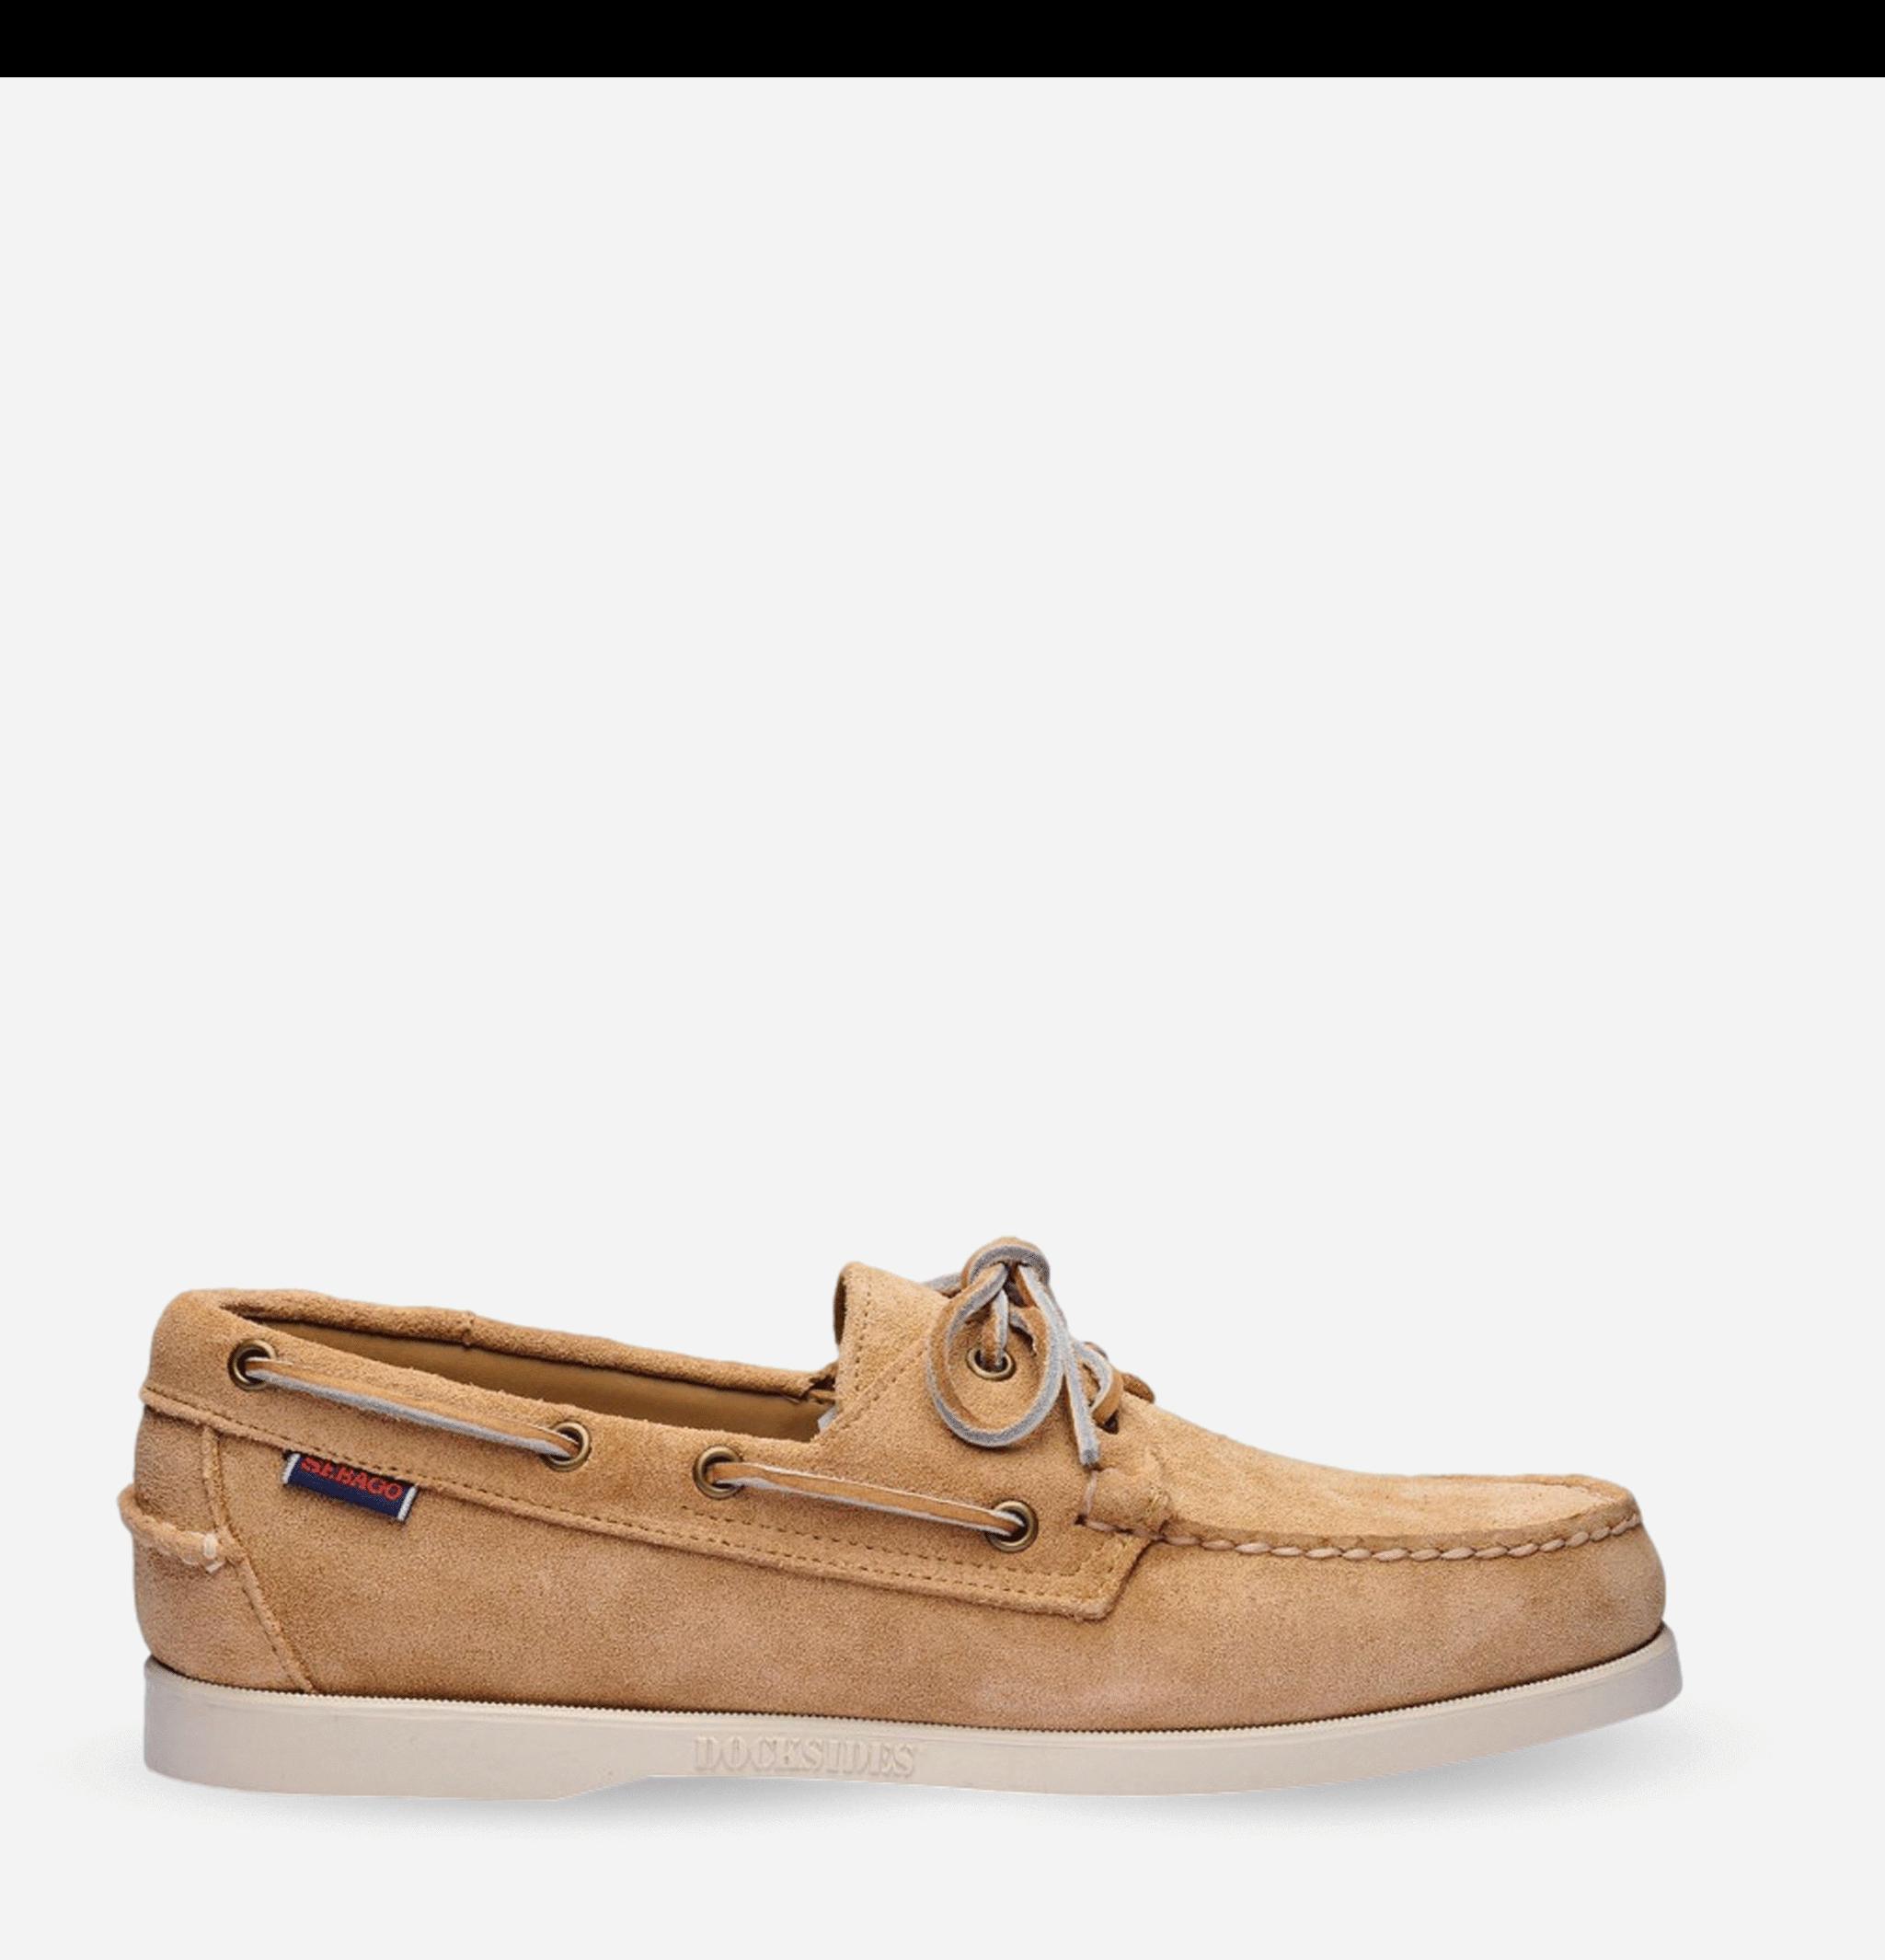 Docksides Shoes Beige